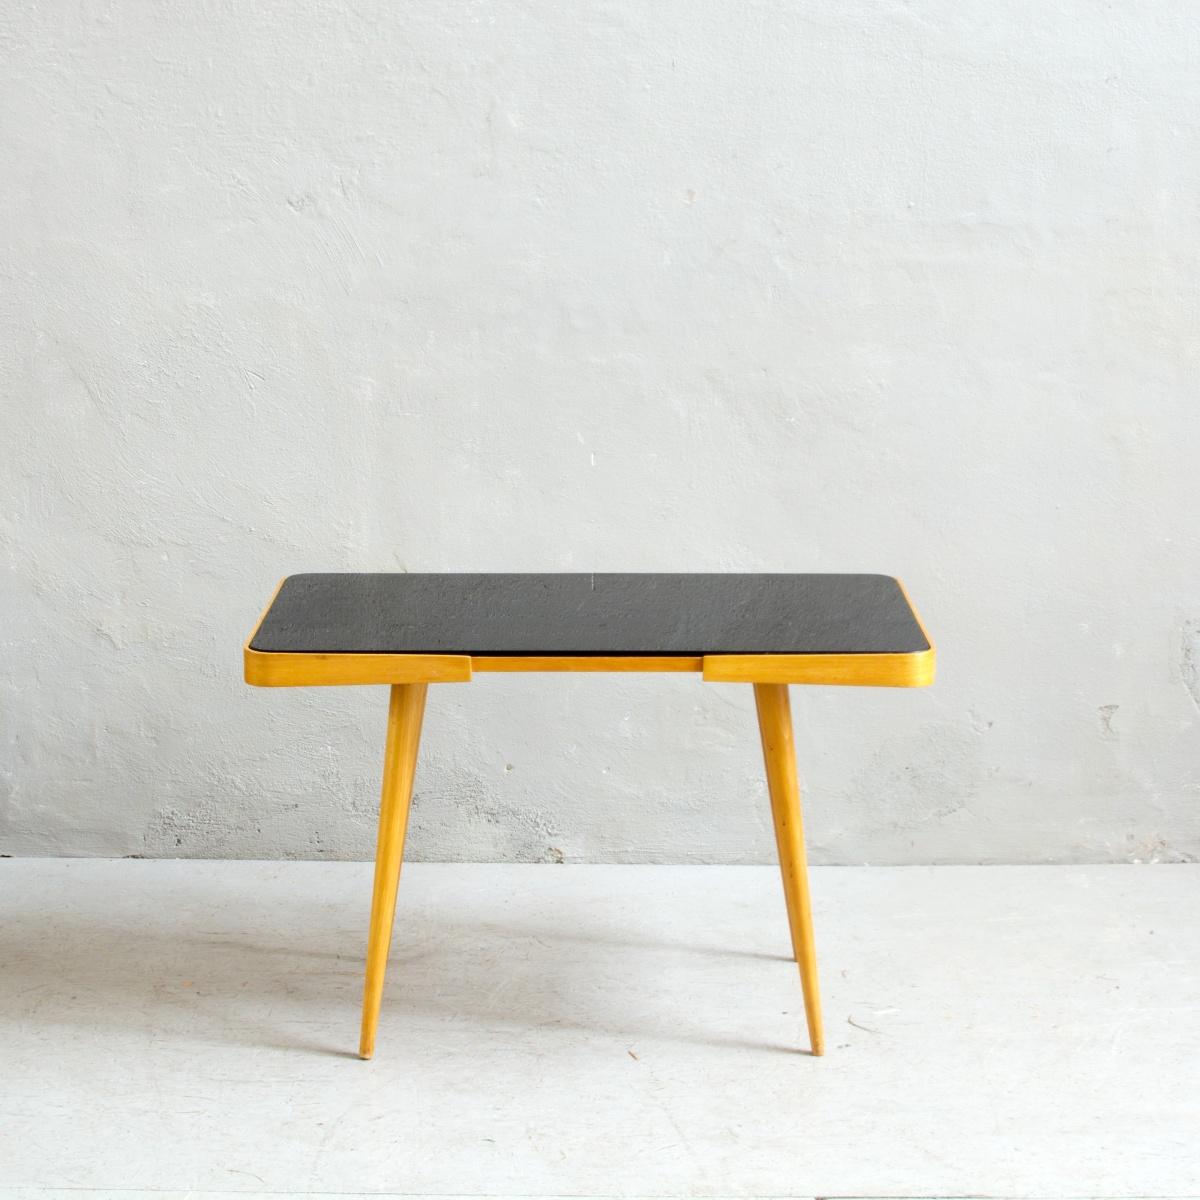 Prodej retro nábytku retro konferenční stolek